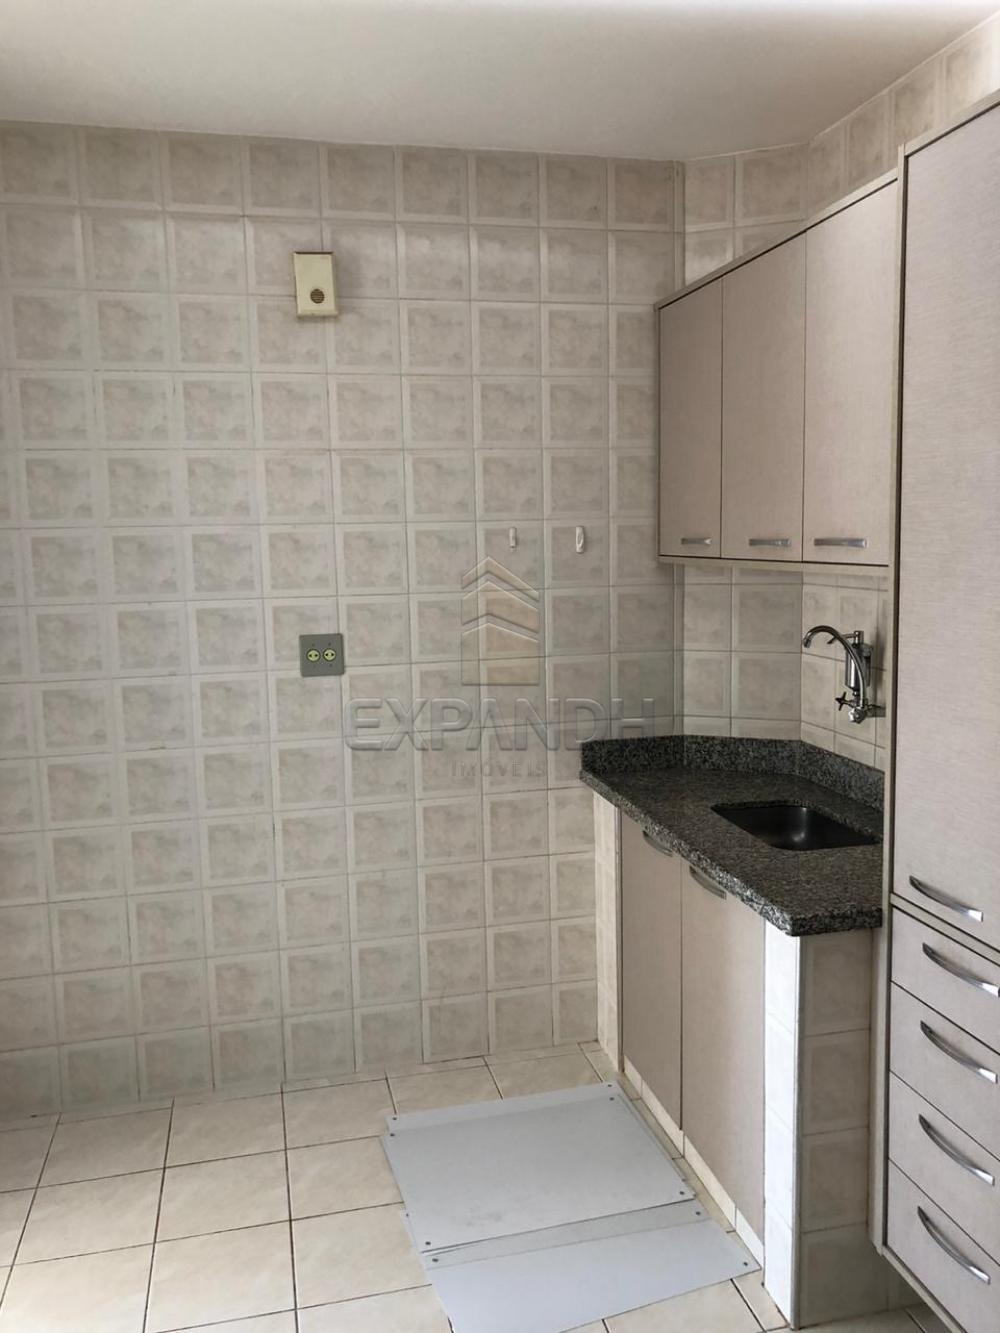 Alugar Apartamentos / Padrão em Sertãozinho apenas R$ 900,00 - Foto 6